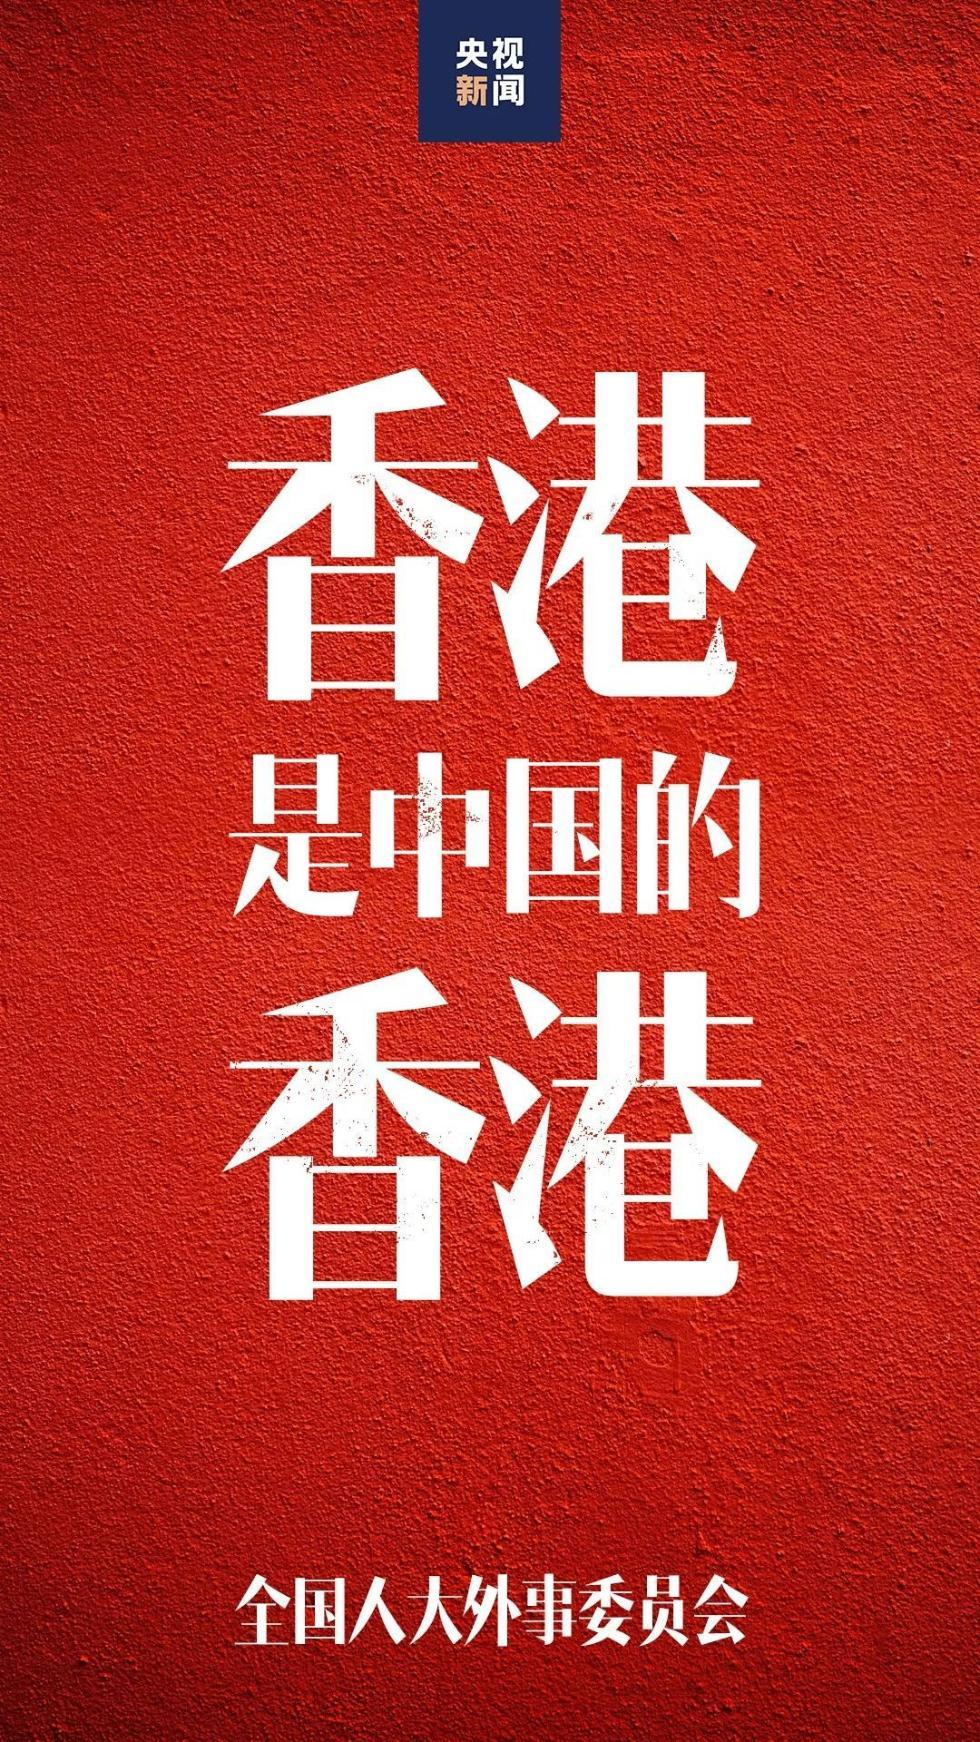 """""""香港是中國的香港!""""《新聞聯播》七連發亮明中國態度_美方"""